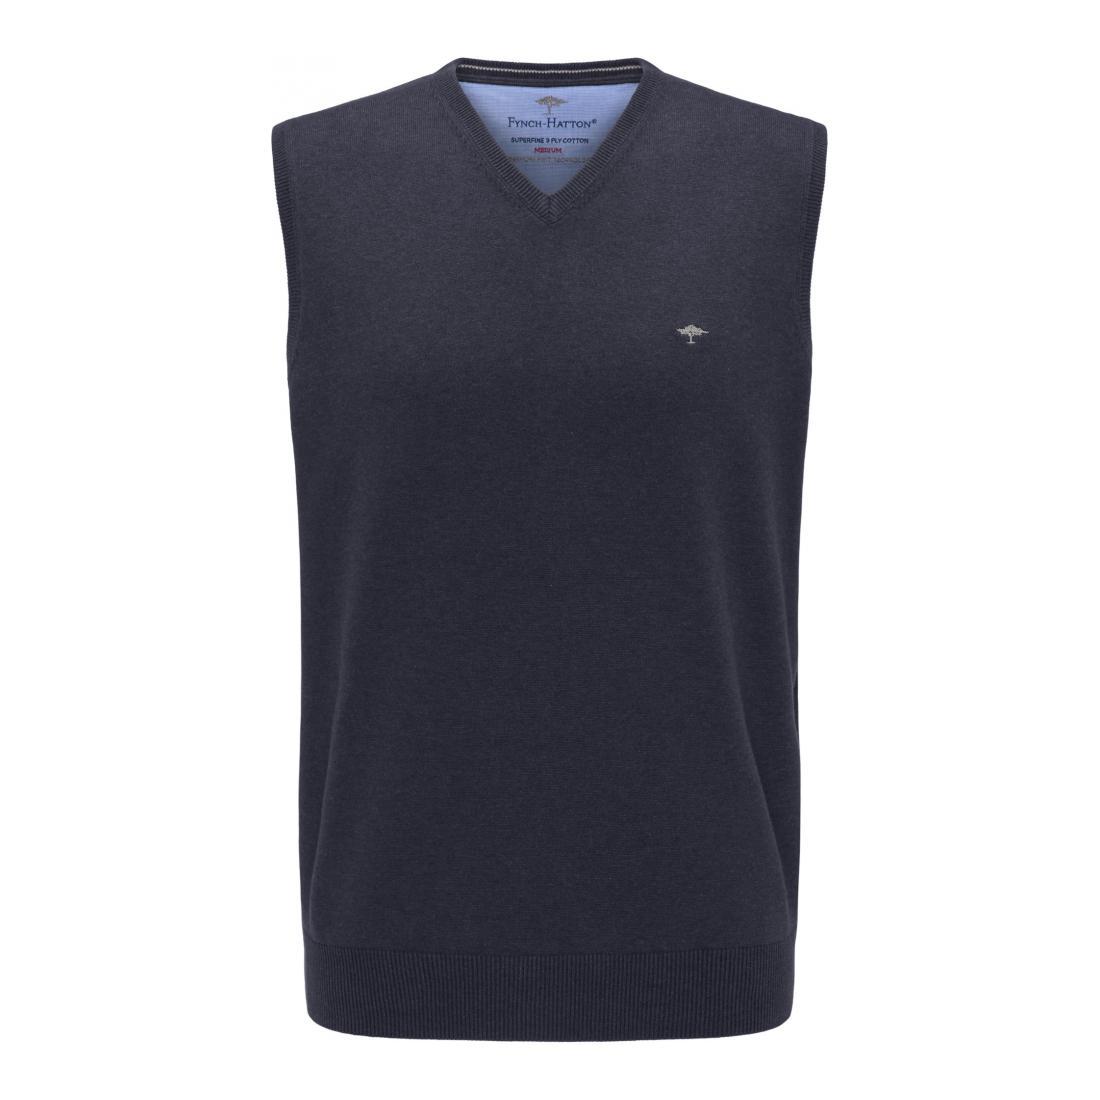 Fynch-Hatton Pullover Herren Slipover